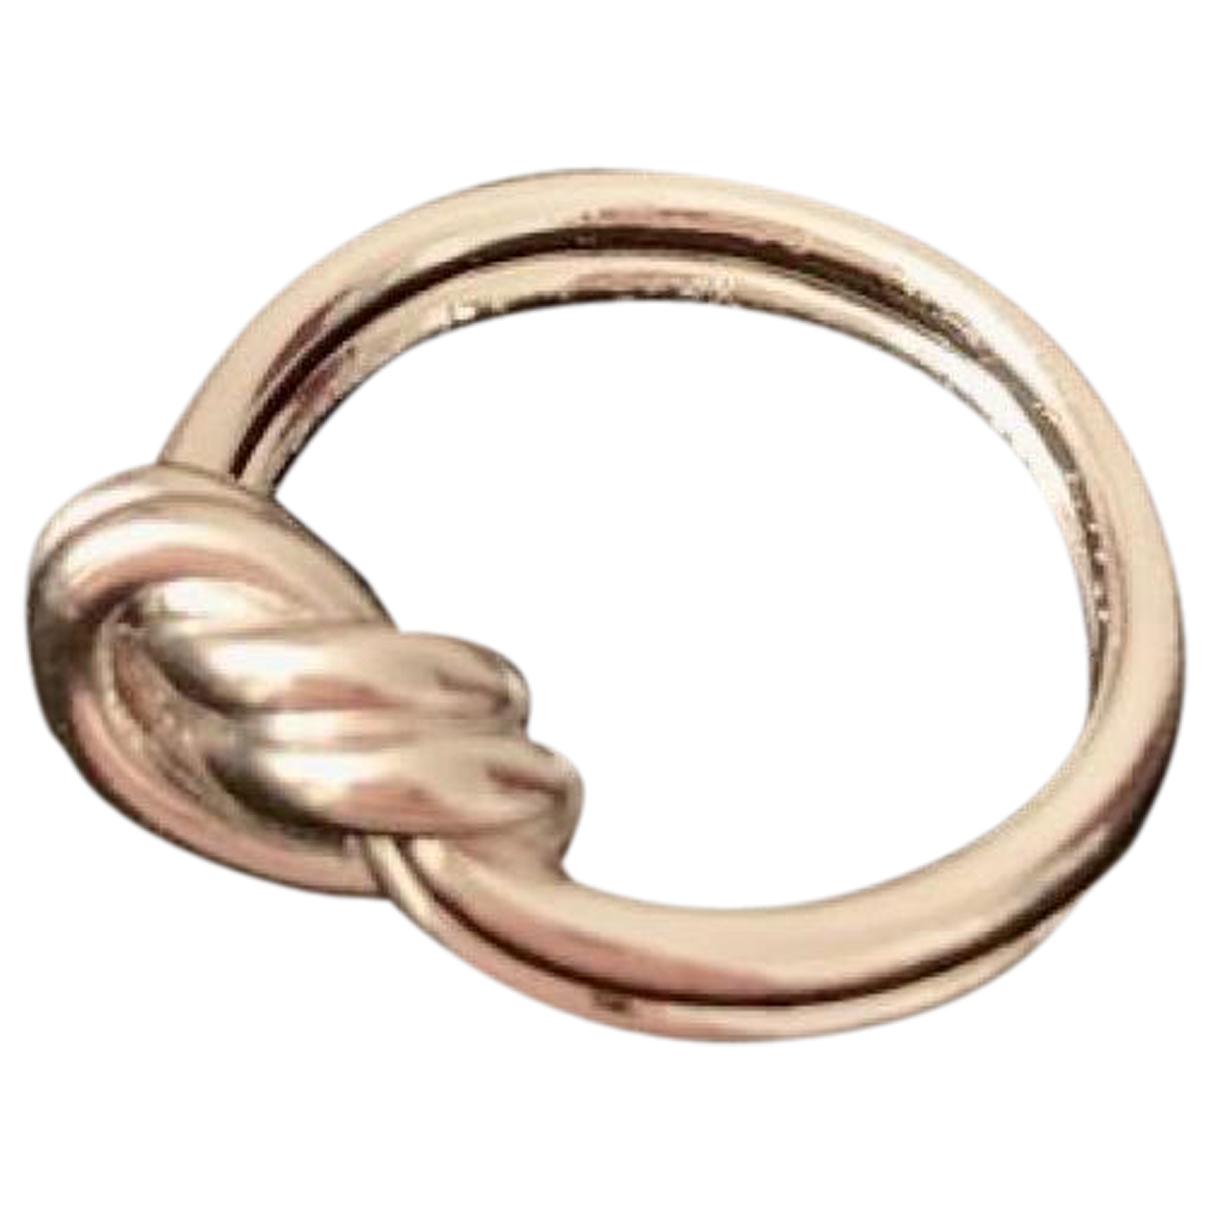 Celine - Bague Knot pour femme en metal - argente